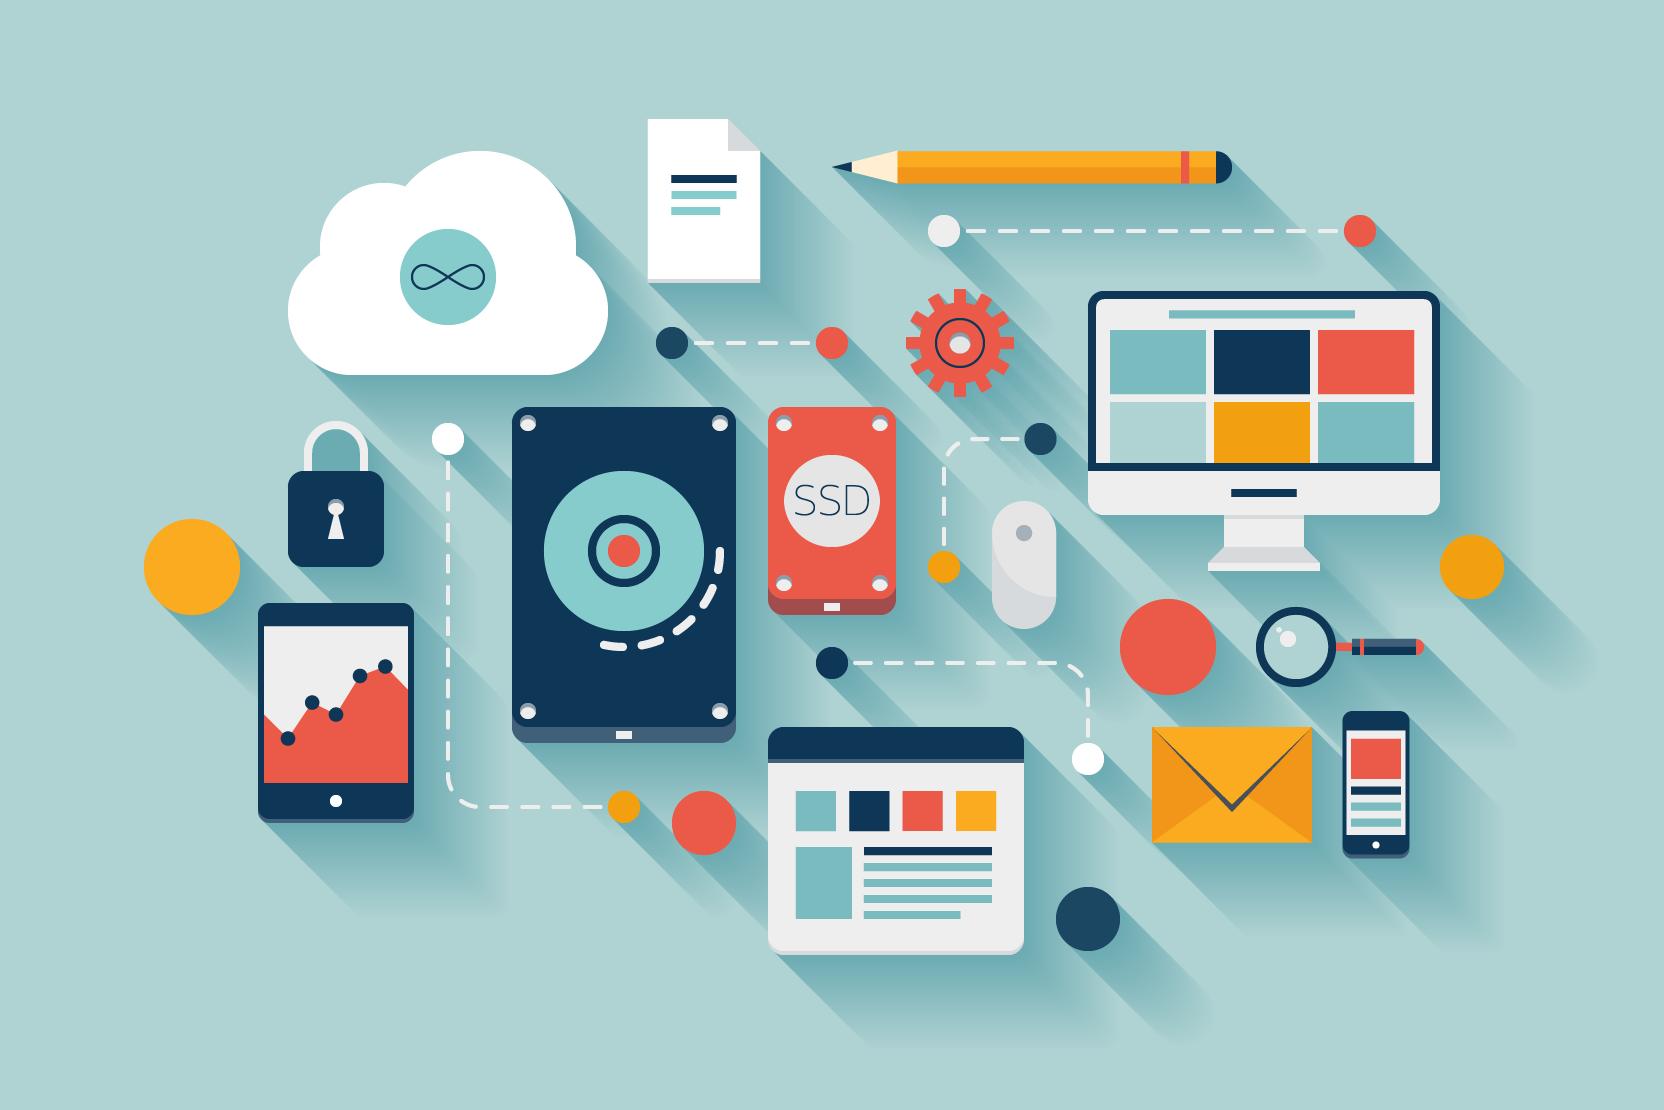 App Marketing Tactics of 2015